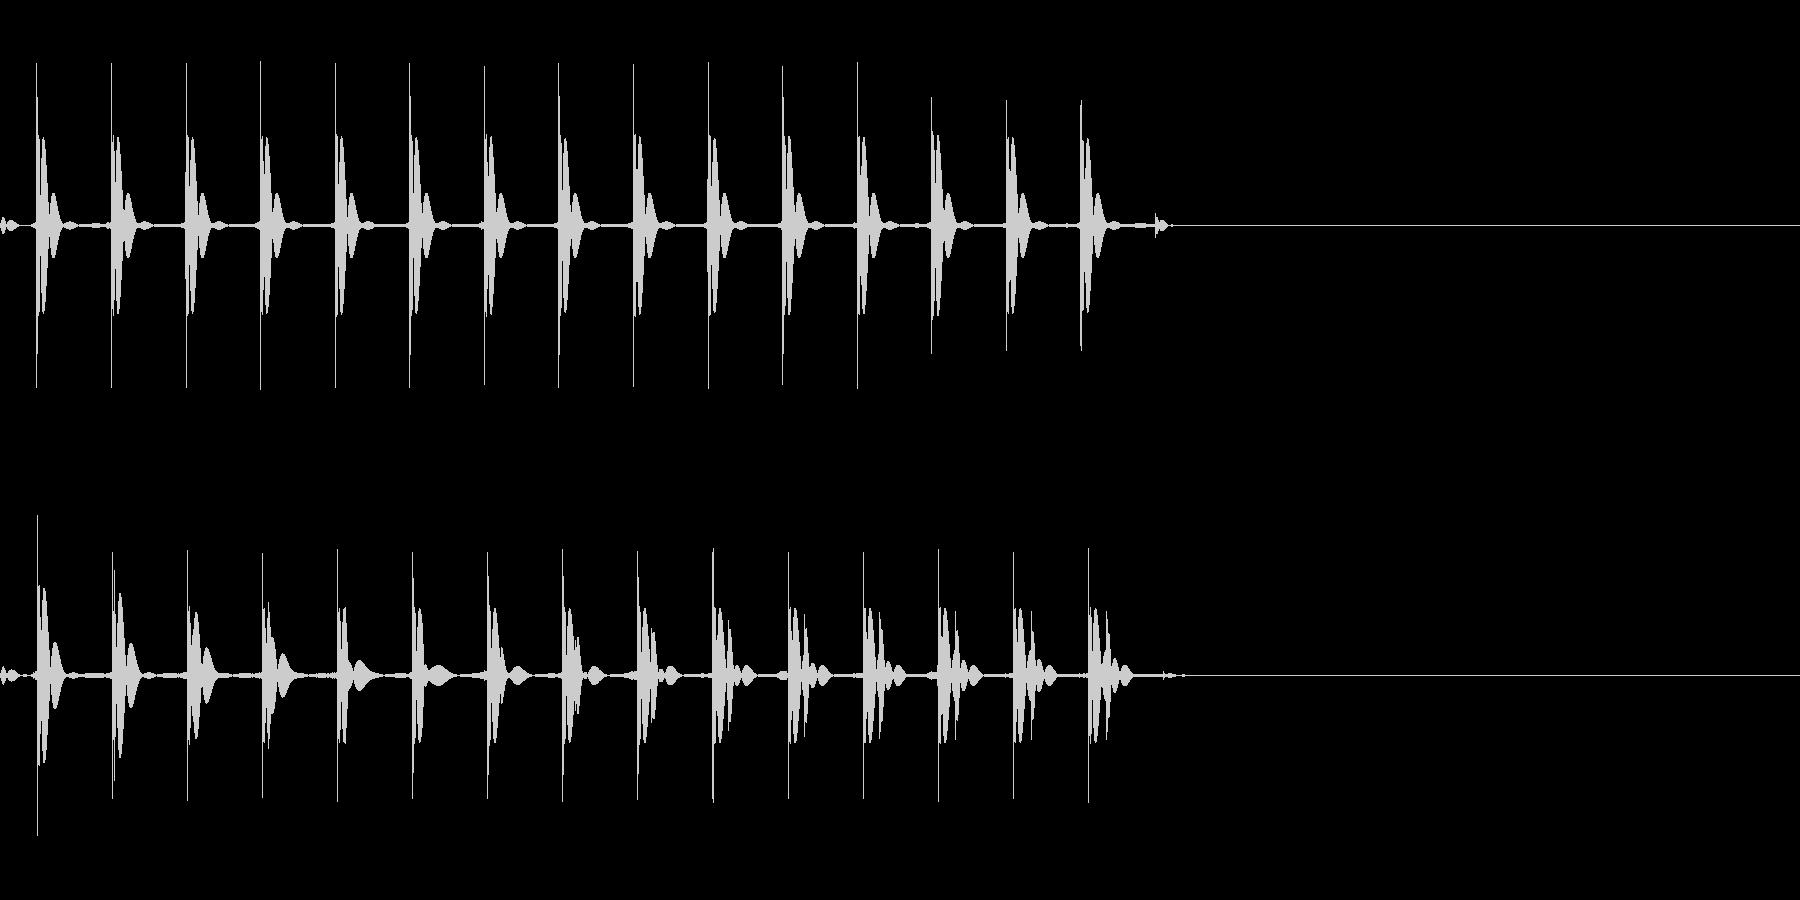 【SE 効果音】マシンガンの未再生の波形